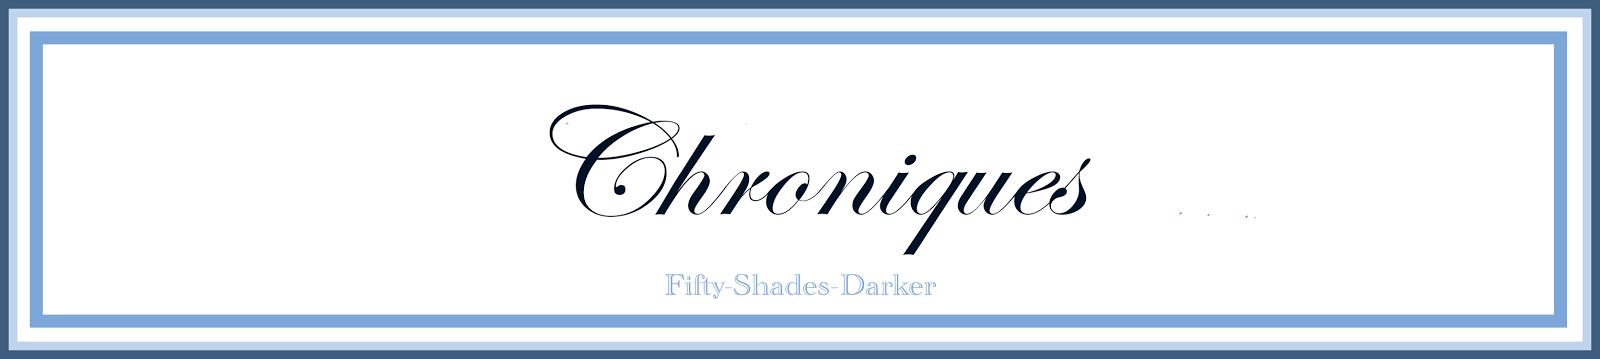 Image Result For Shades Darker Online